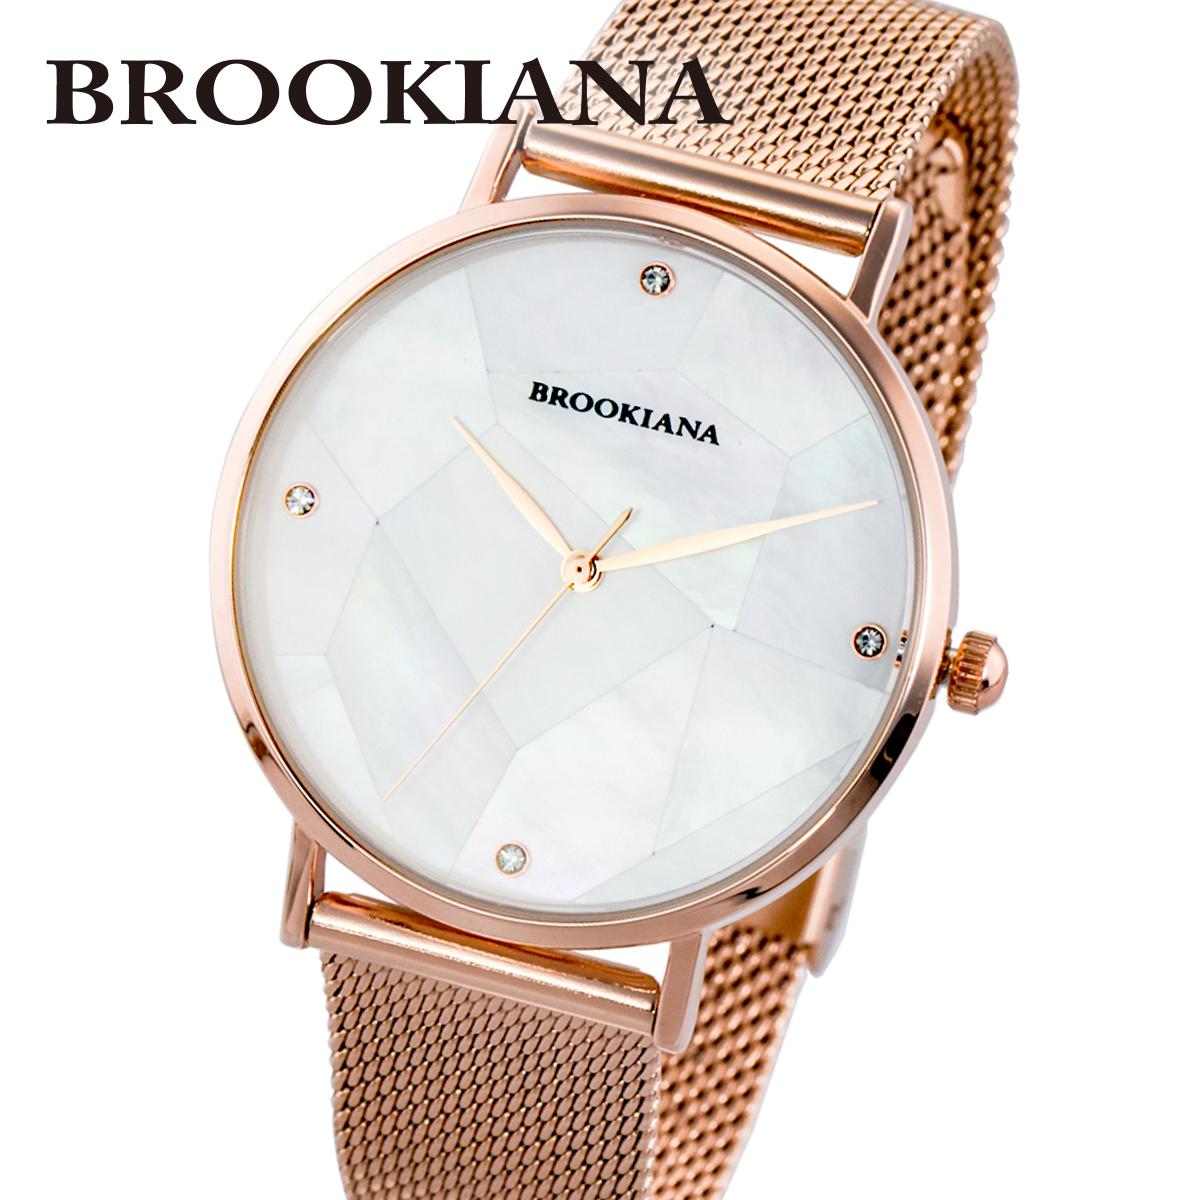 【全品送料無料】 ブルッキアーナ BROOKIANA ROUND SLIM PEARL BA3101-RPWMRG メンズ 時計 腕時計 クオーツ